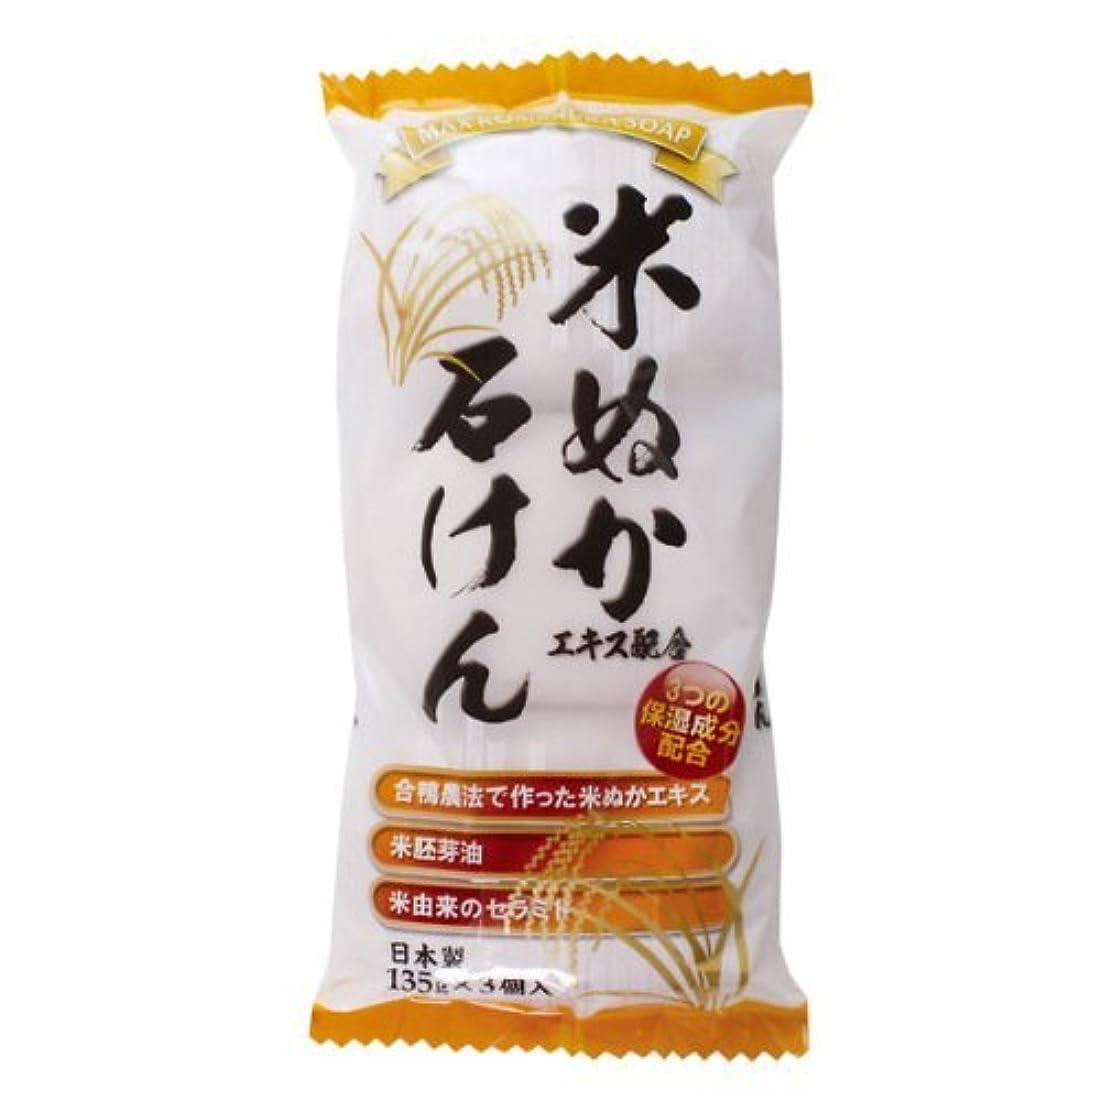 適切な慣れる倒産米ぬかエキス配合石けん 3個入 135g×3個